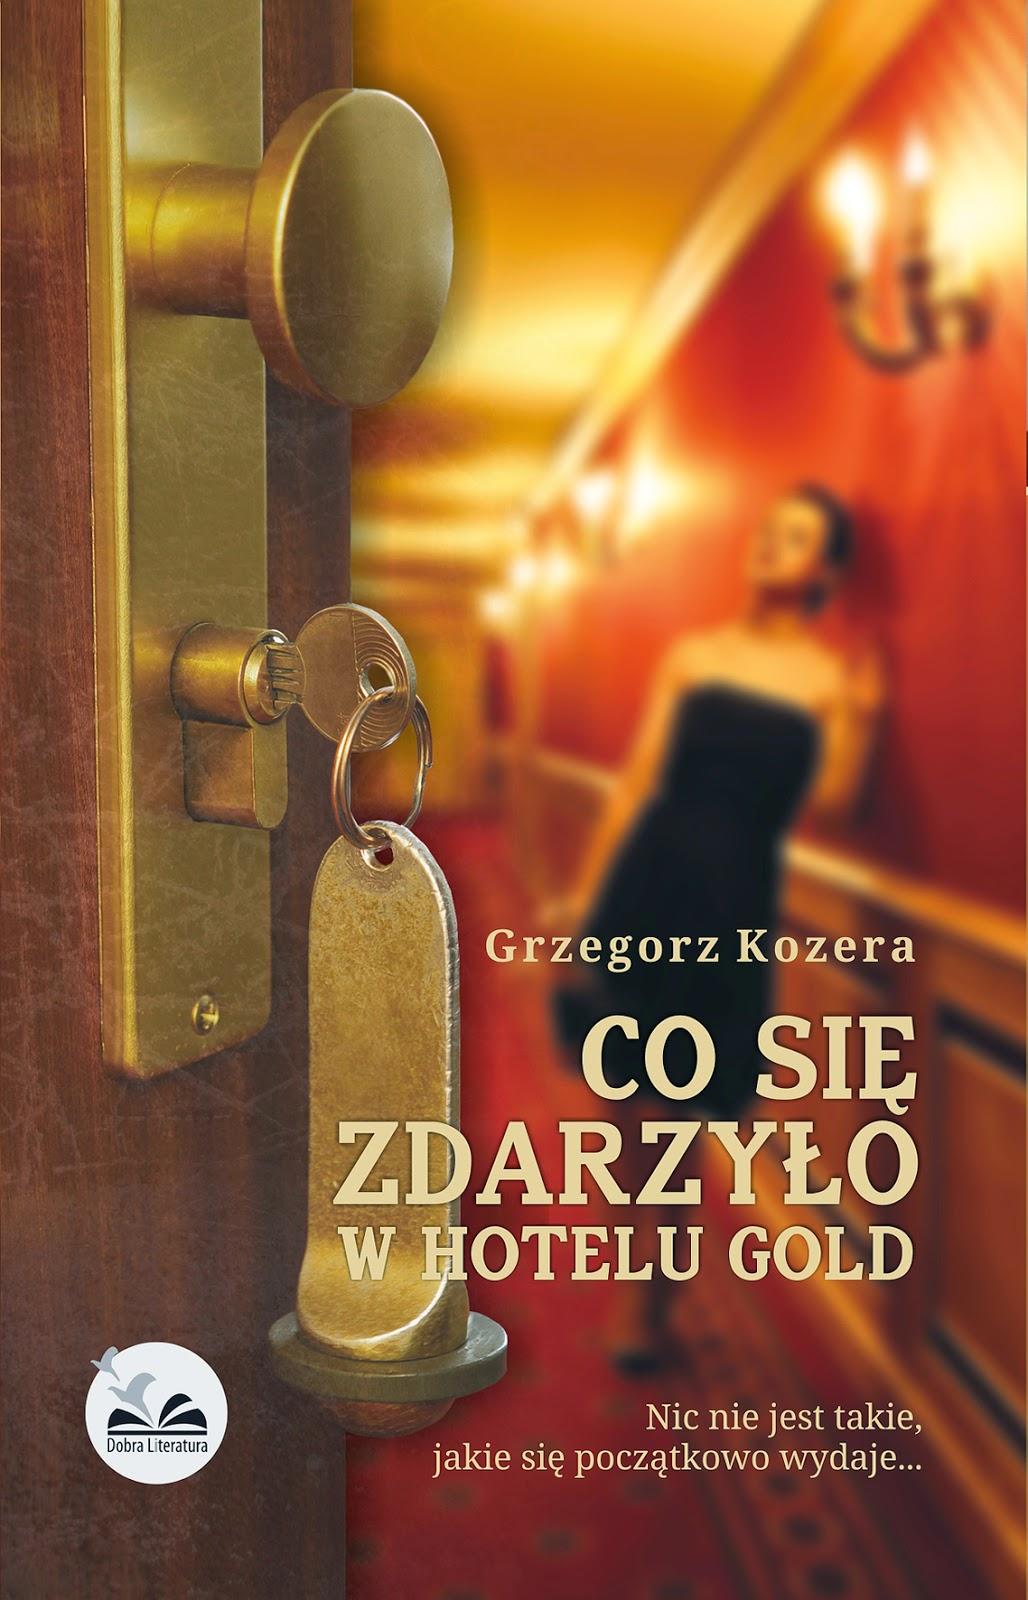 http://www.dobraliteratura.pl/zapowiedz/160/co_sie_zdarzylo_w_hotelu_gold.html